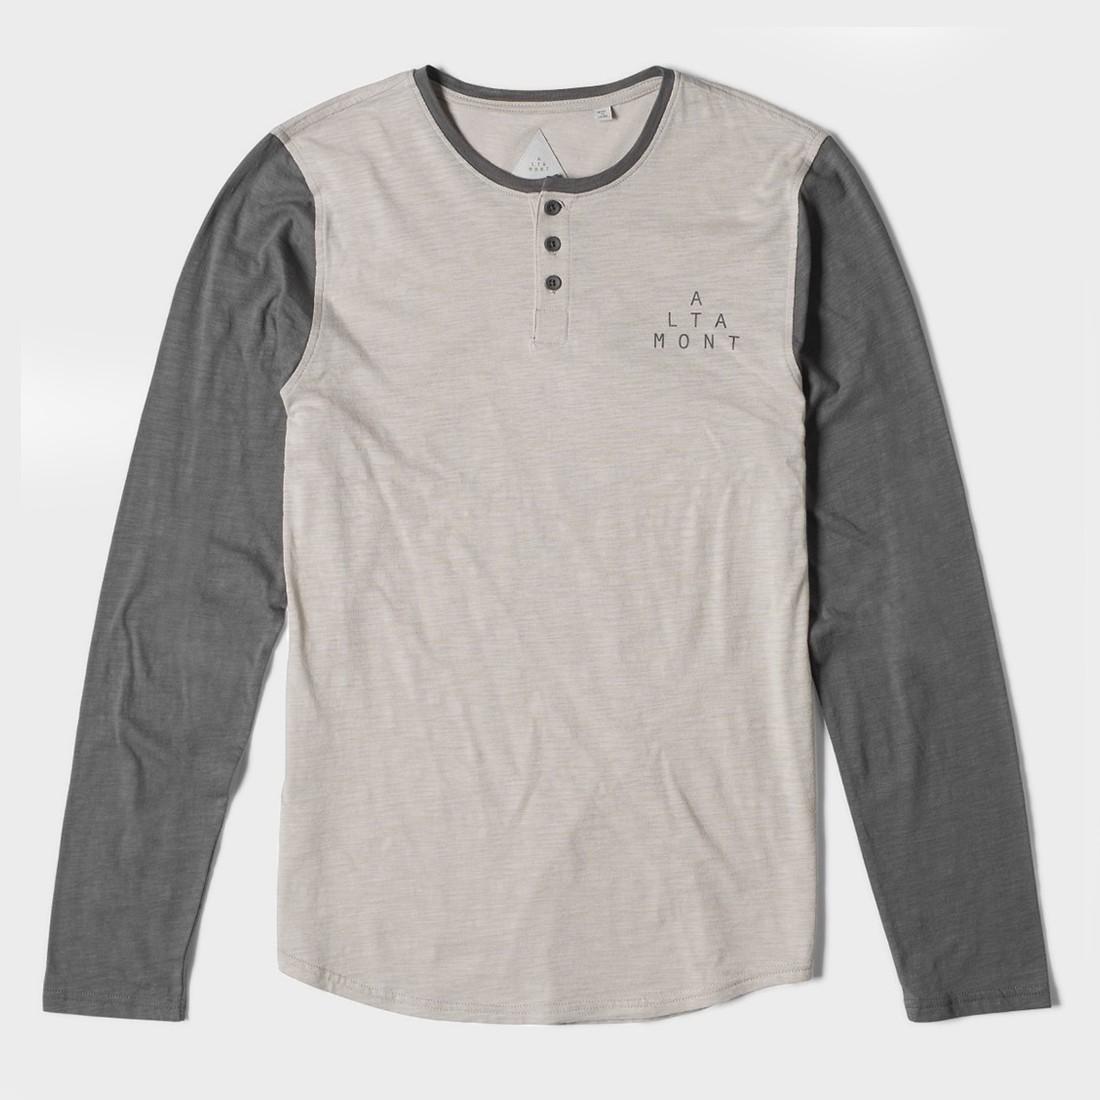 light neck extra sizes plain marl p l large shirt to grey badrhino t reg basic v